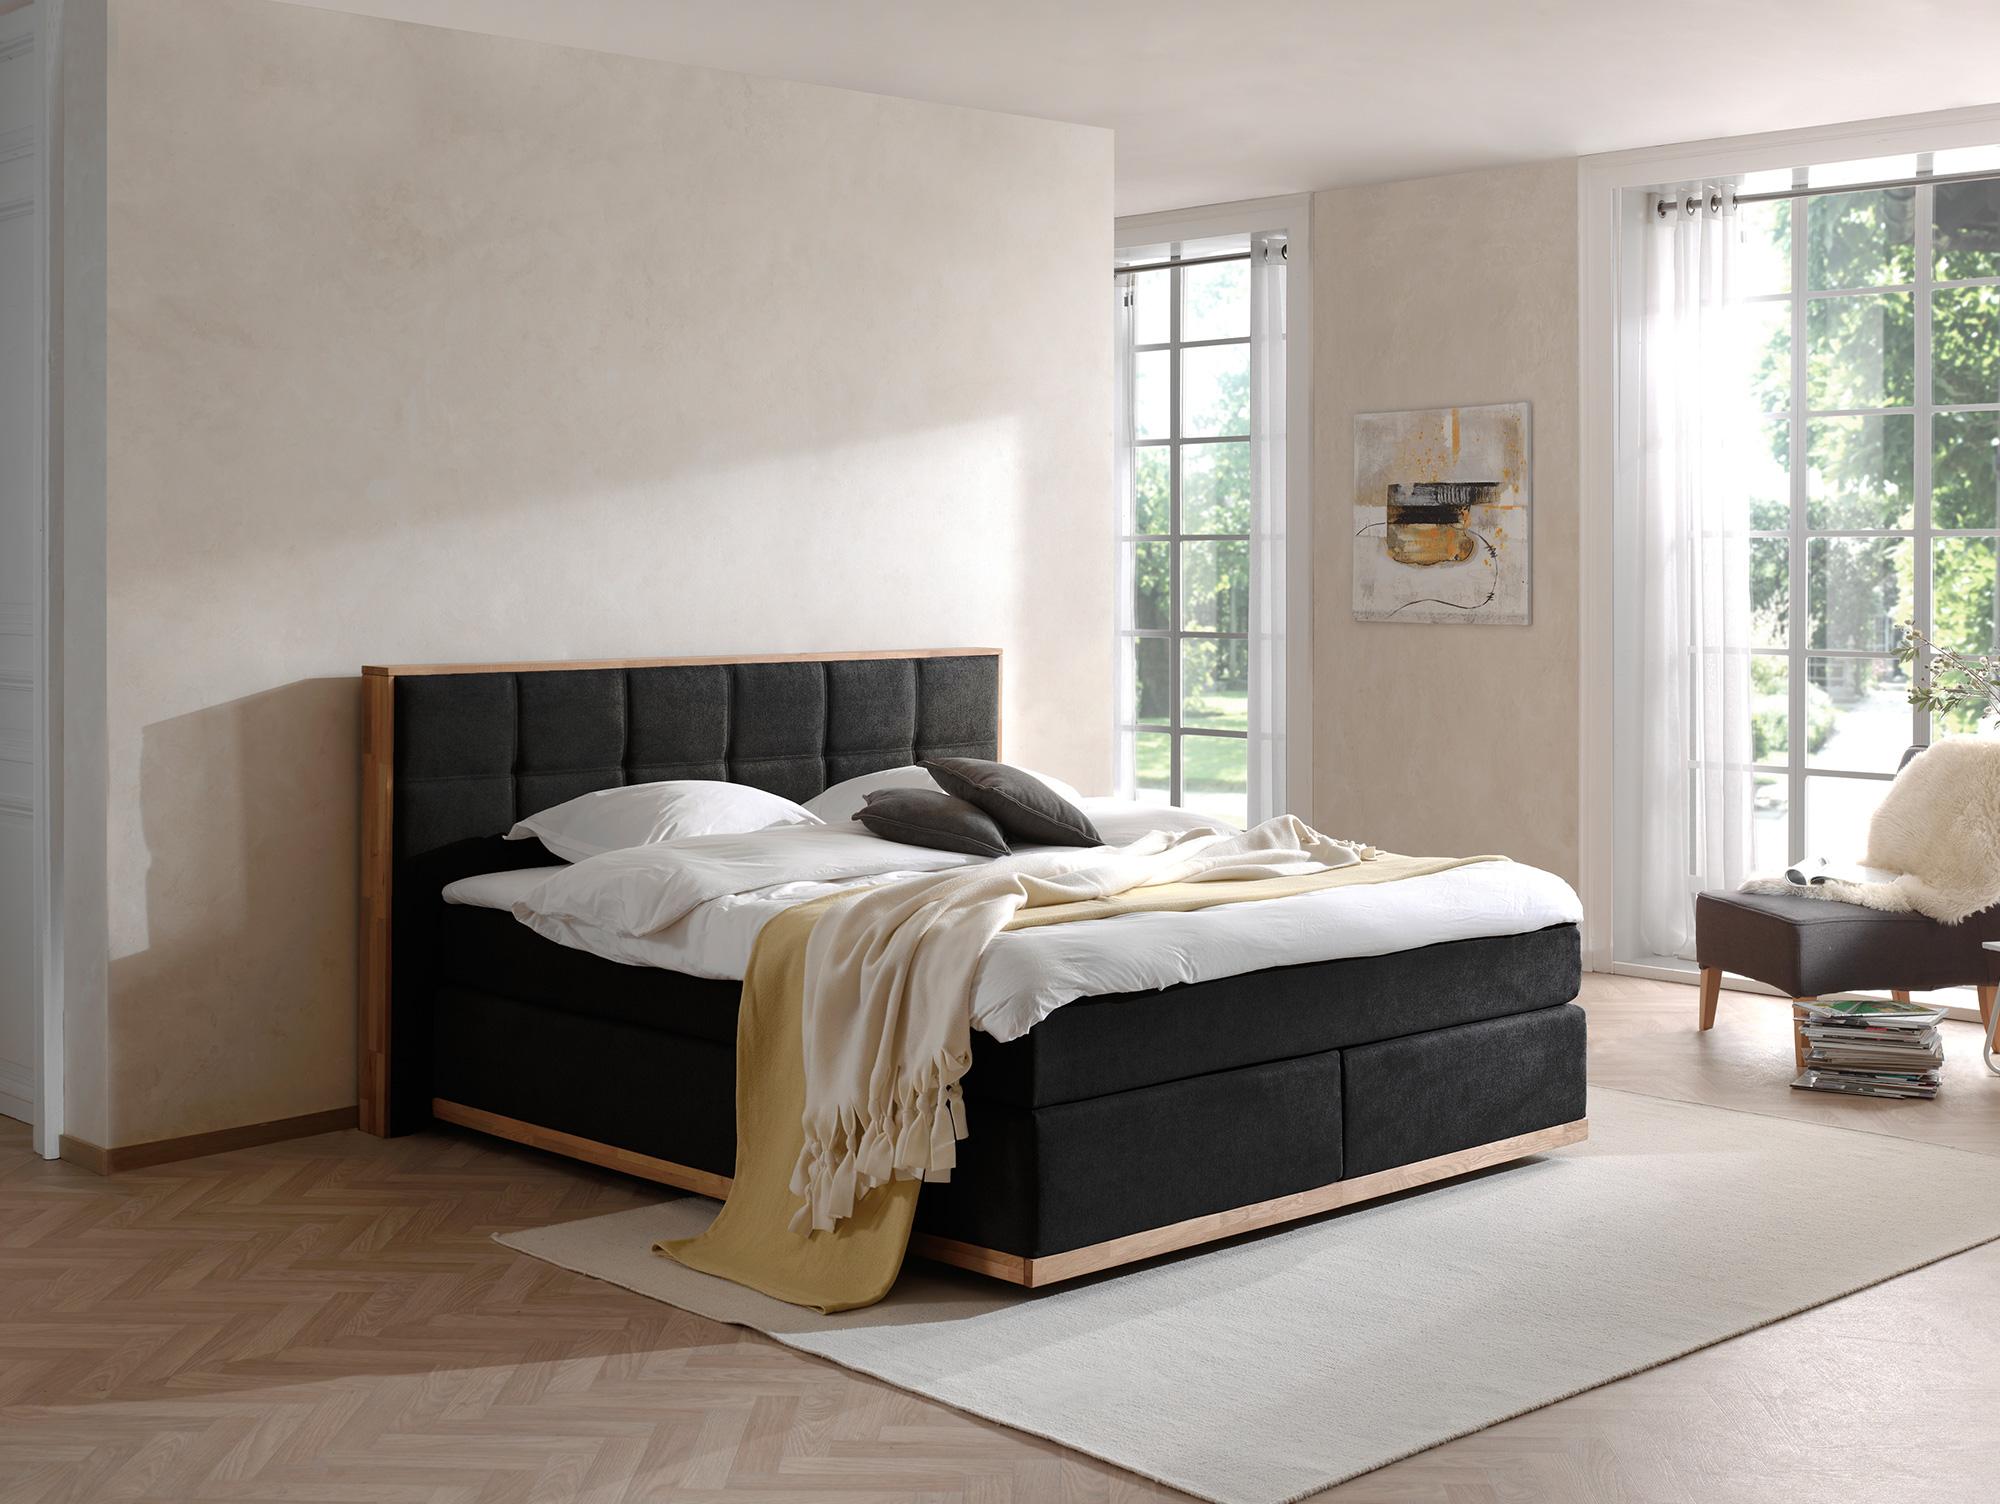 levantos boxspringbett mit holzrahmen und bezug in samtoptik 180 x 200 cm schwarz h rtegrad 2. Black Bedroom Furniture Sets. Home Design Ideas